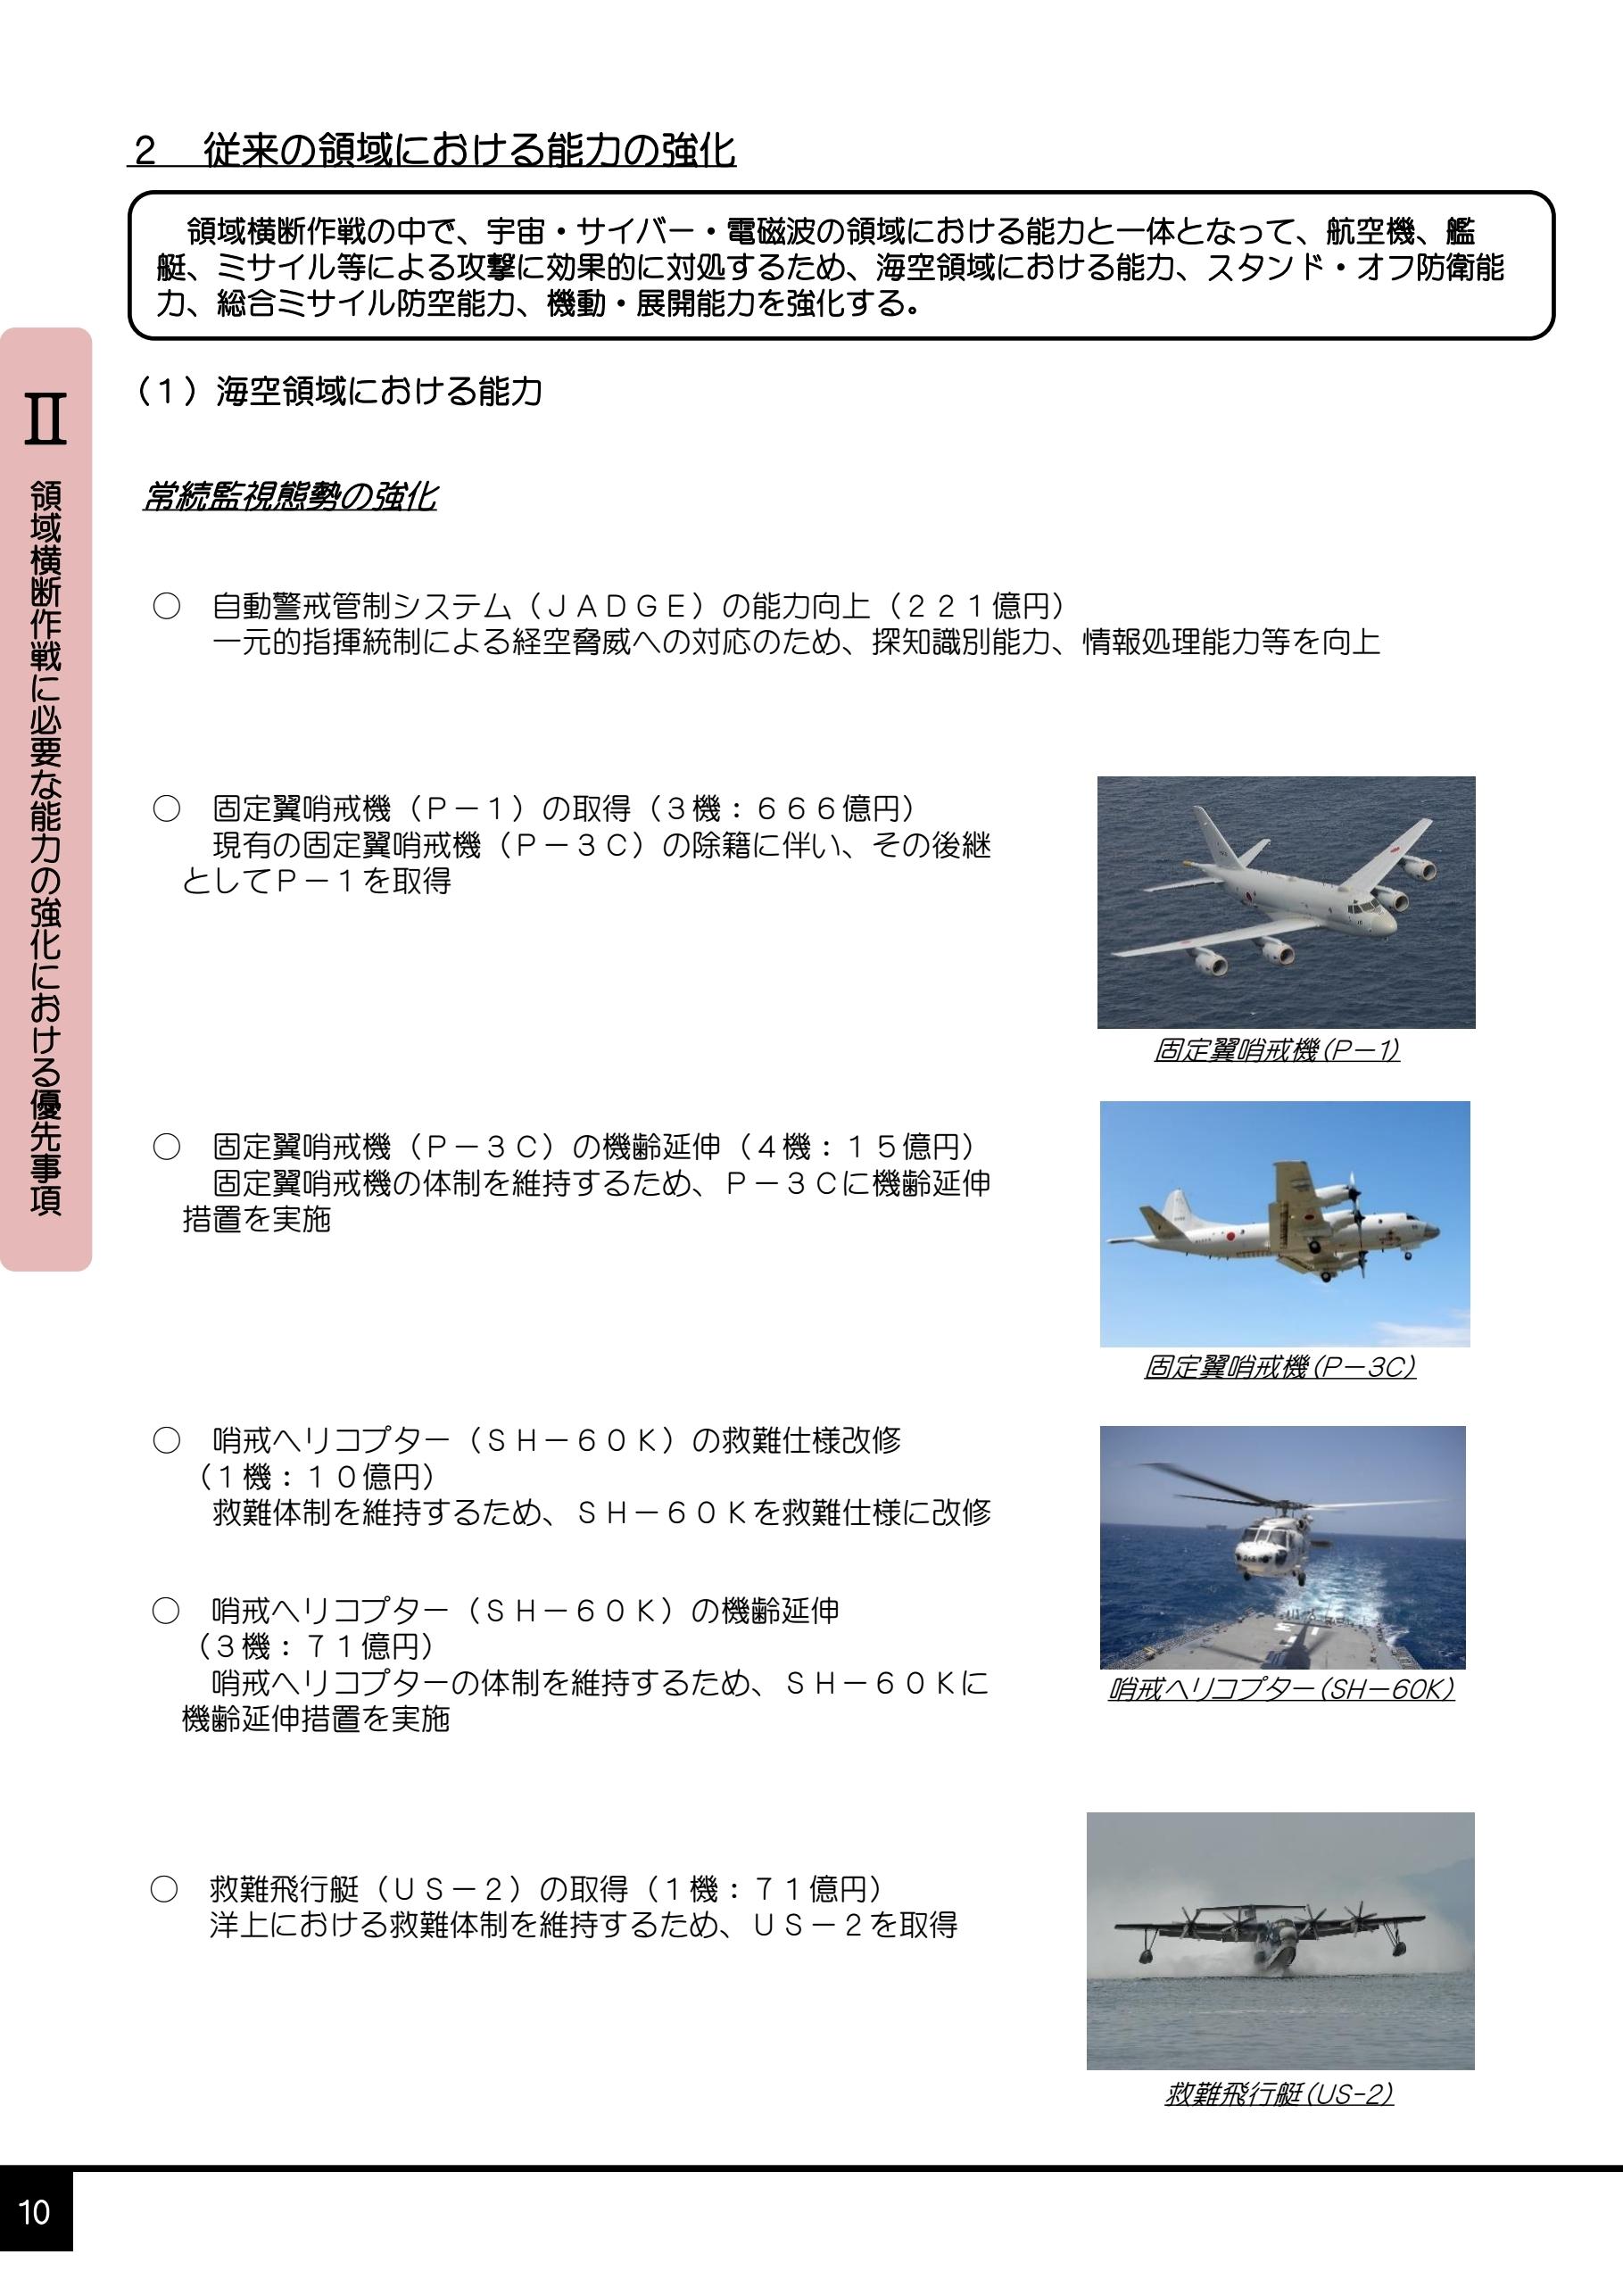 我が国の防衛と予算(案)2021年度予算の概要0014